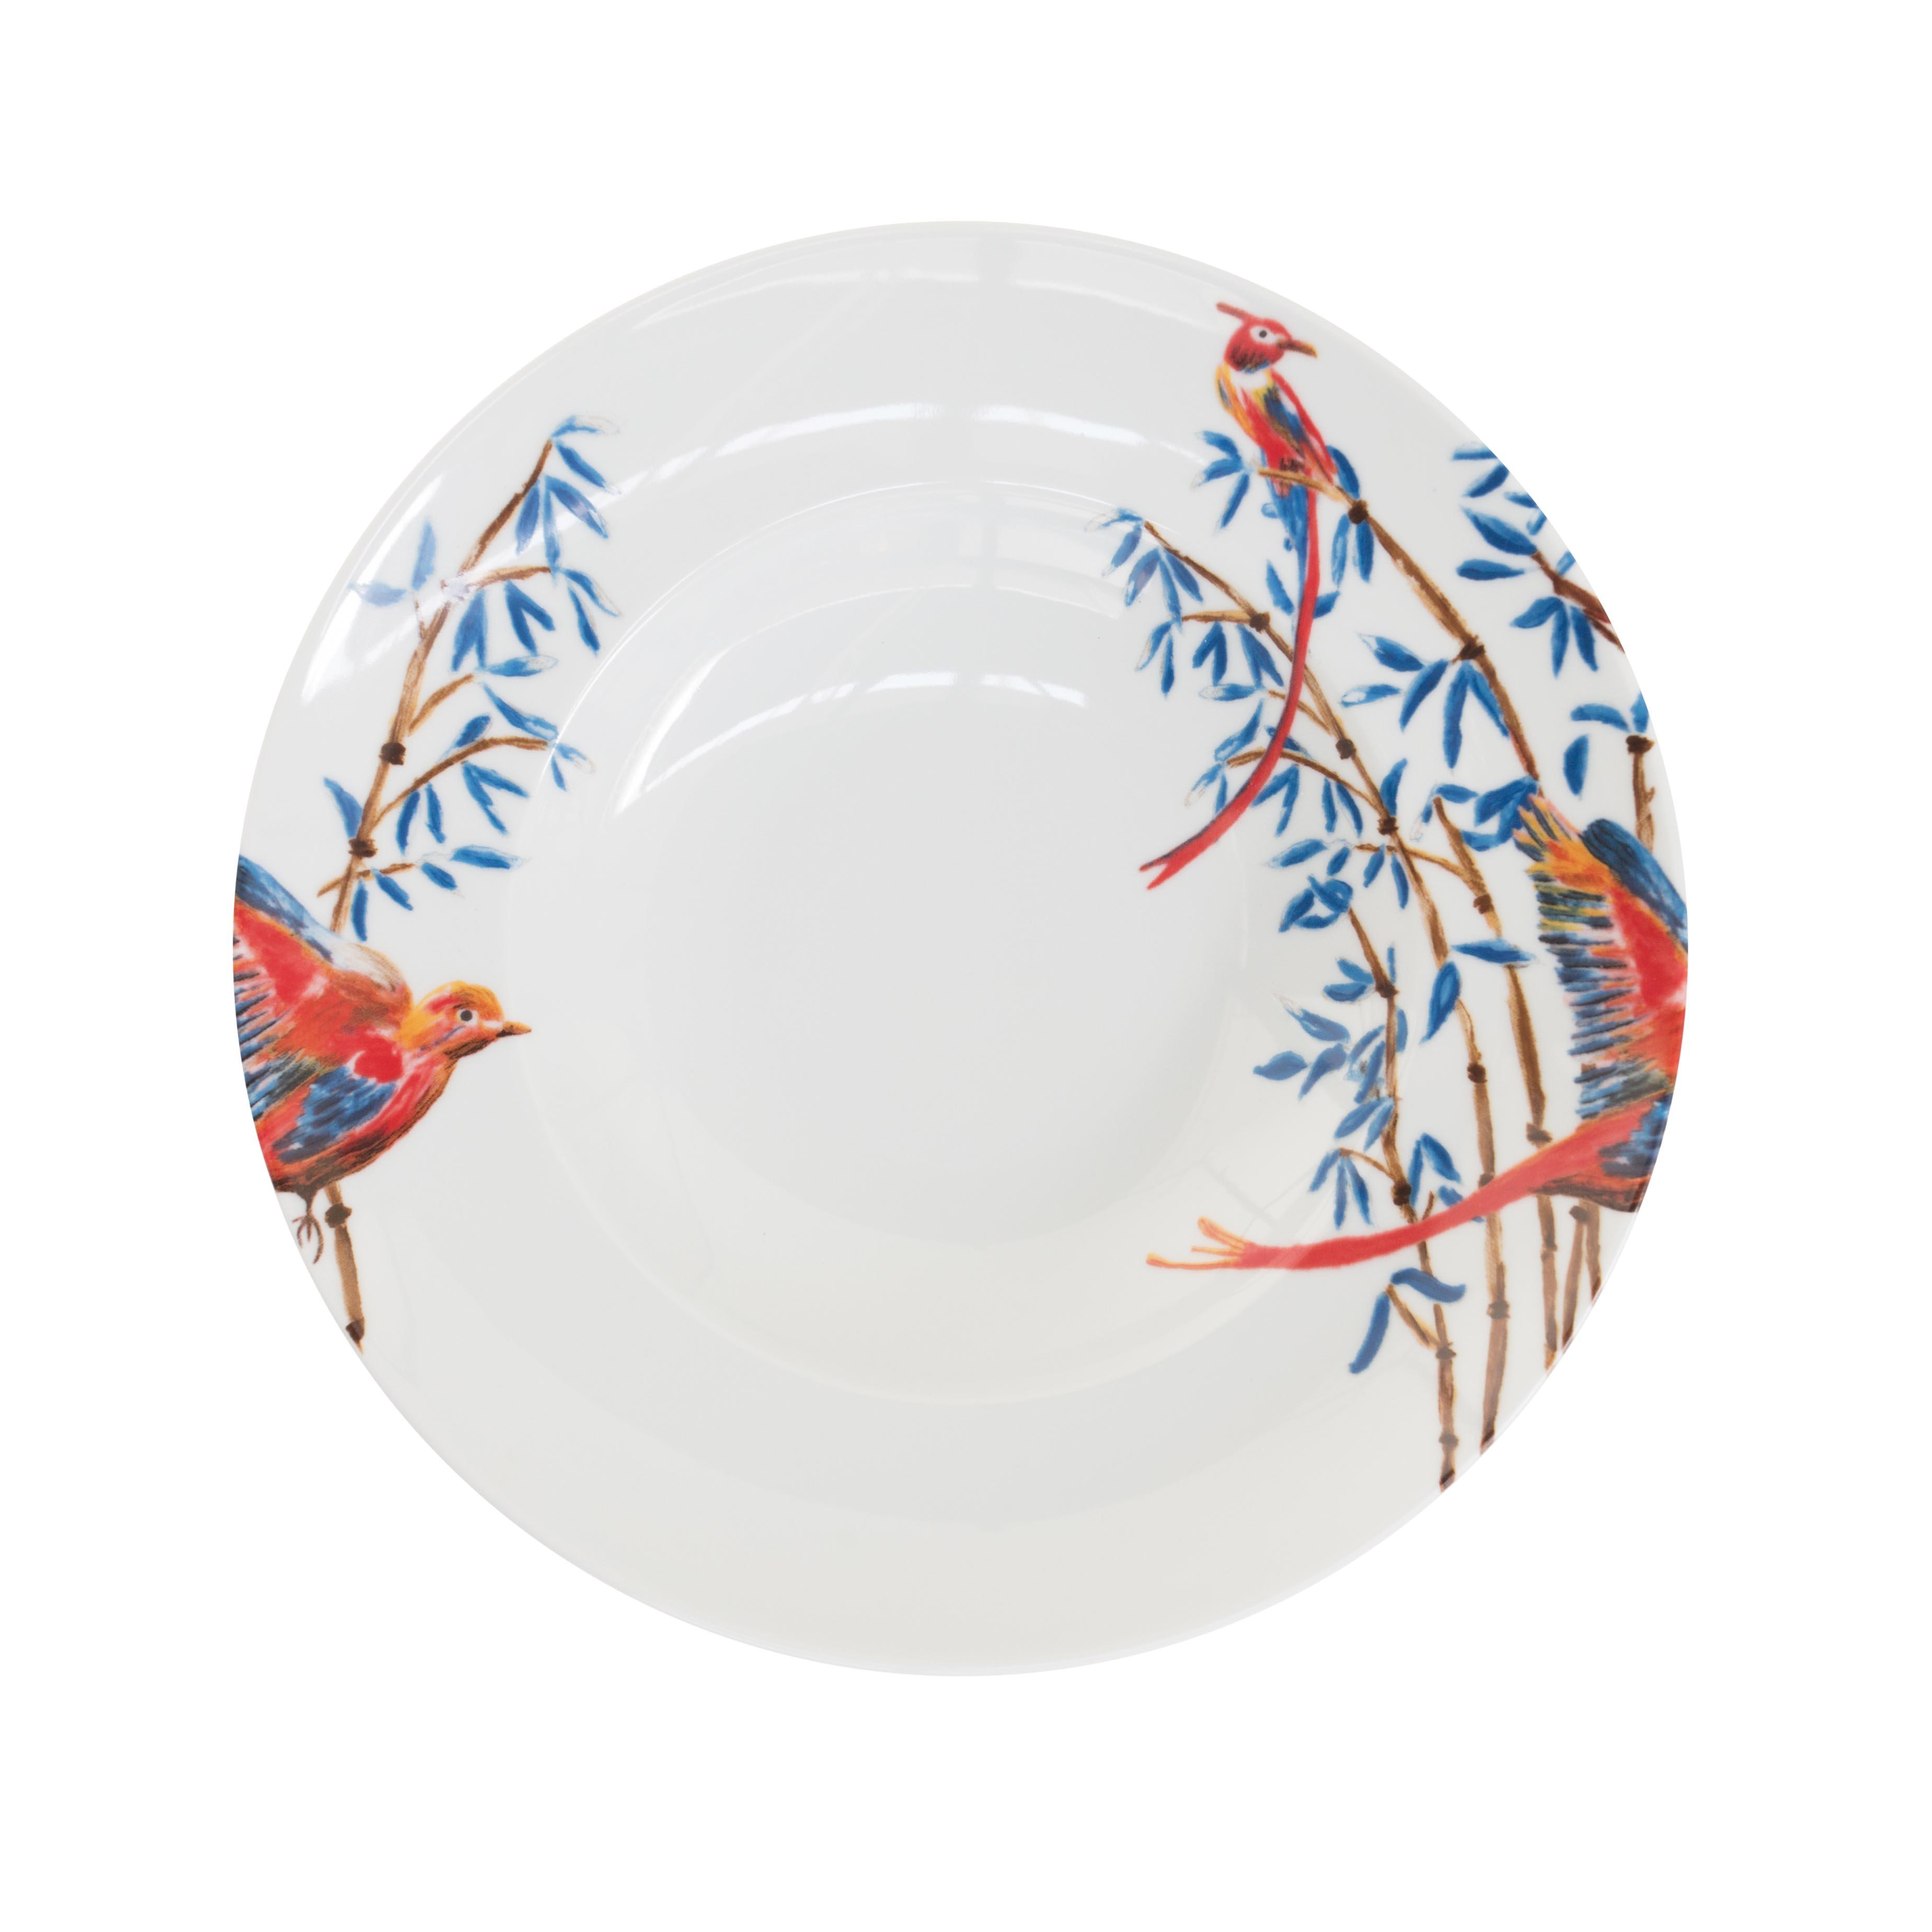 pastabord met vogels en bamboe van Catchii